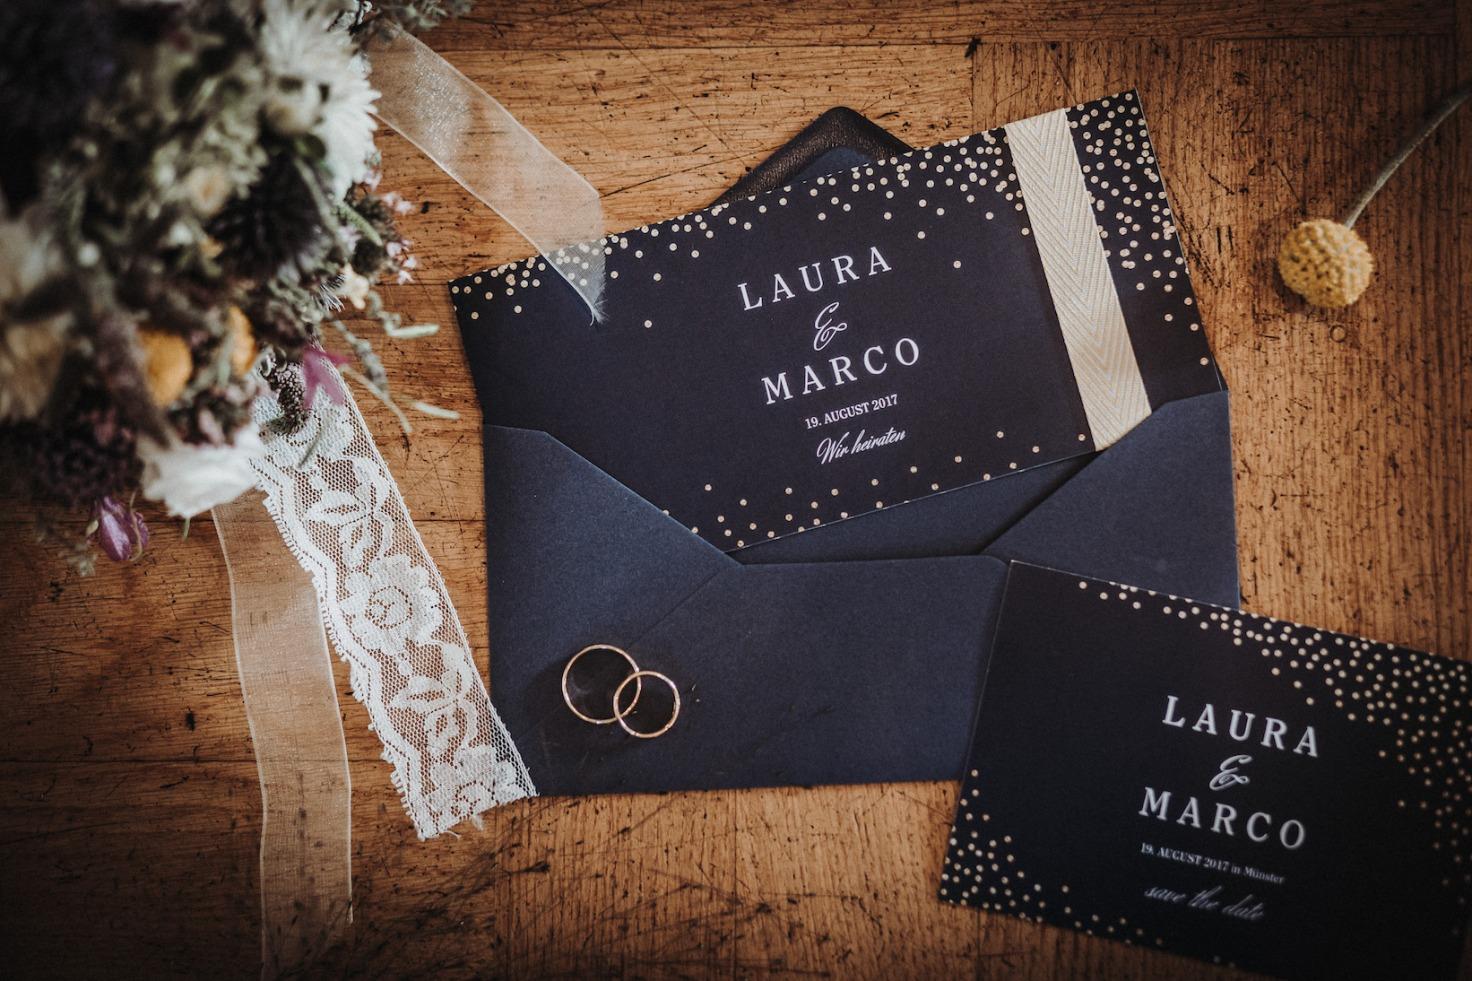 Hochzeit von Laura und Marco in Münster: Hochzeitsringe, die auf der Hochzeitseinladung liegen